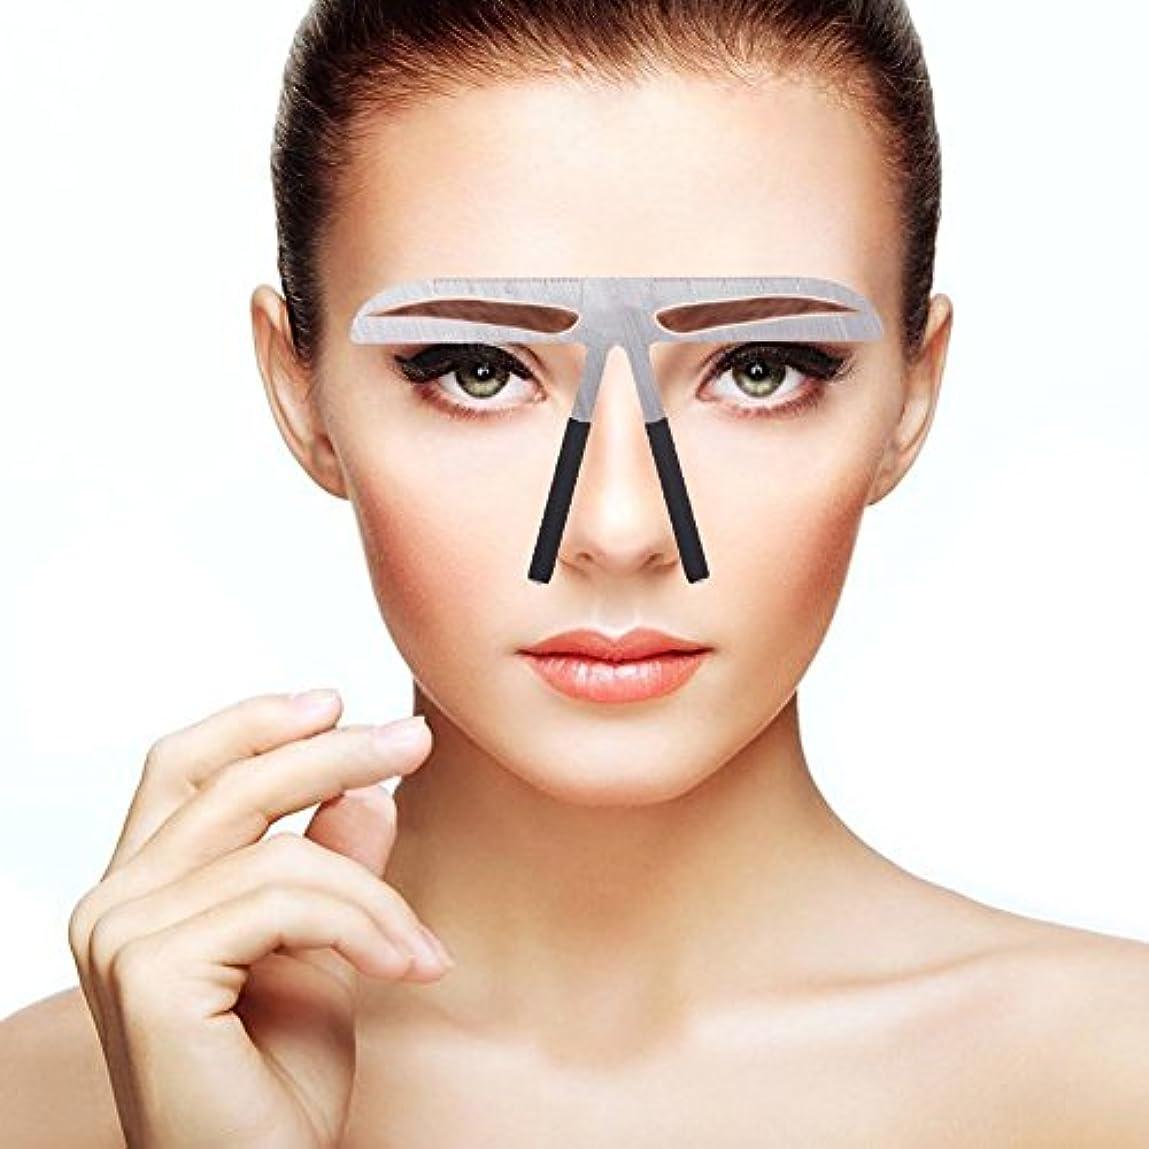 眉毛テンプレート 眉毛の定規 メイクアップ 美容ツール アイブローテンプレート アートメイク用定規 美容用 恒久化粧ツール 左右対称 位置決め (02)